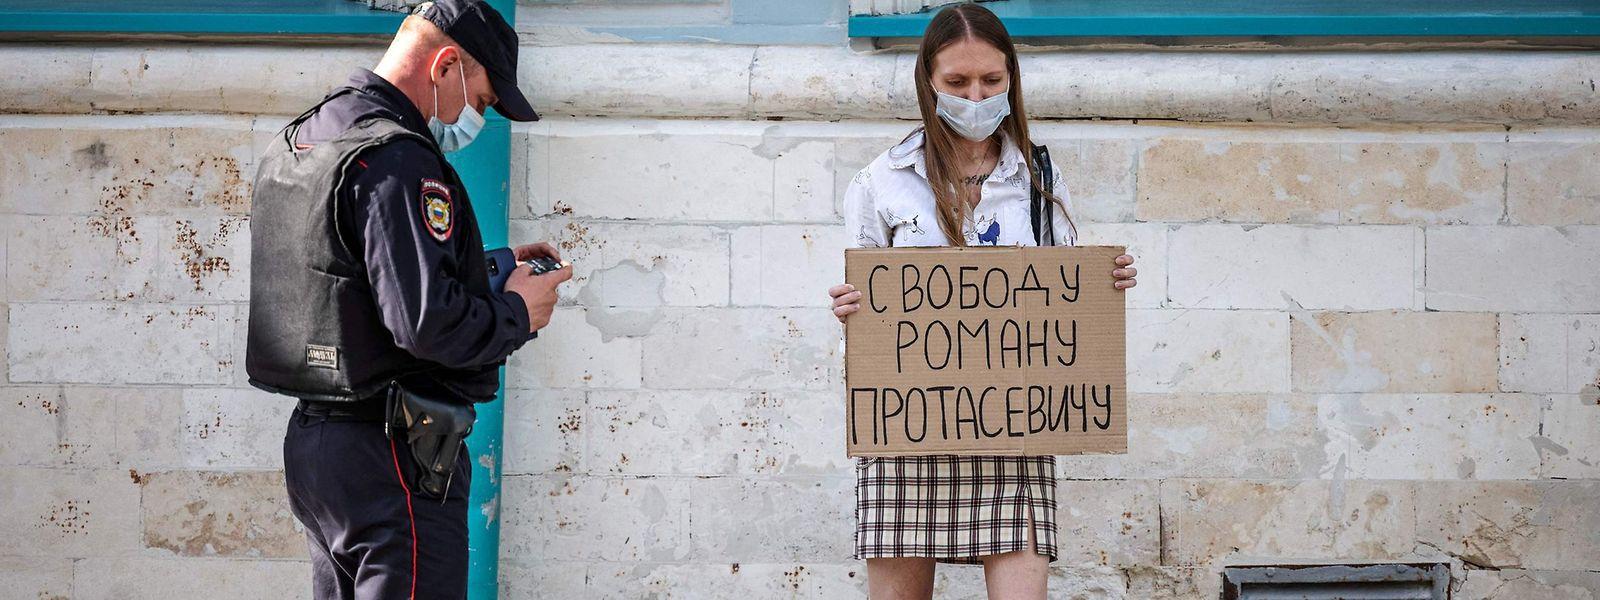 """Mit einem Schild """"Freiheit für Roman Protassewitsch"""" demonstriert eine Frau vor der belarussischen Botschaft in Moskau."""